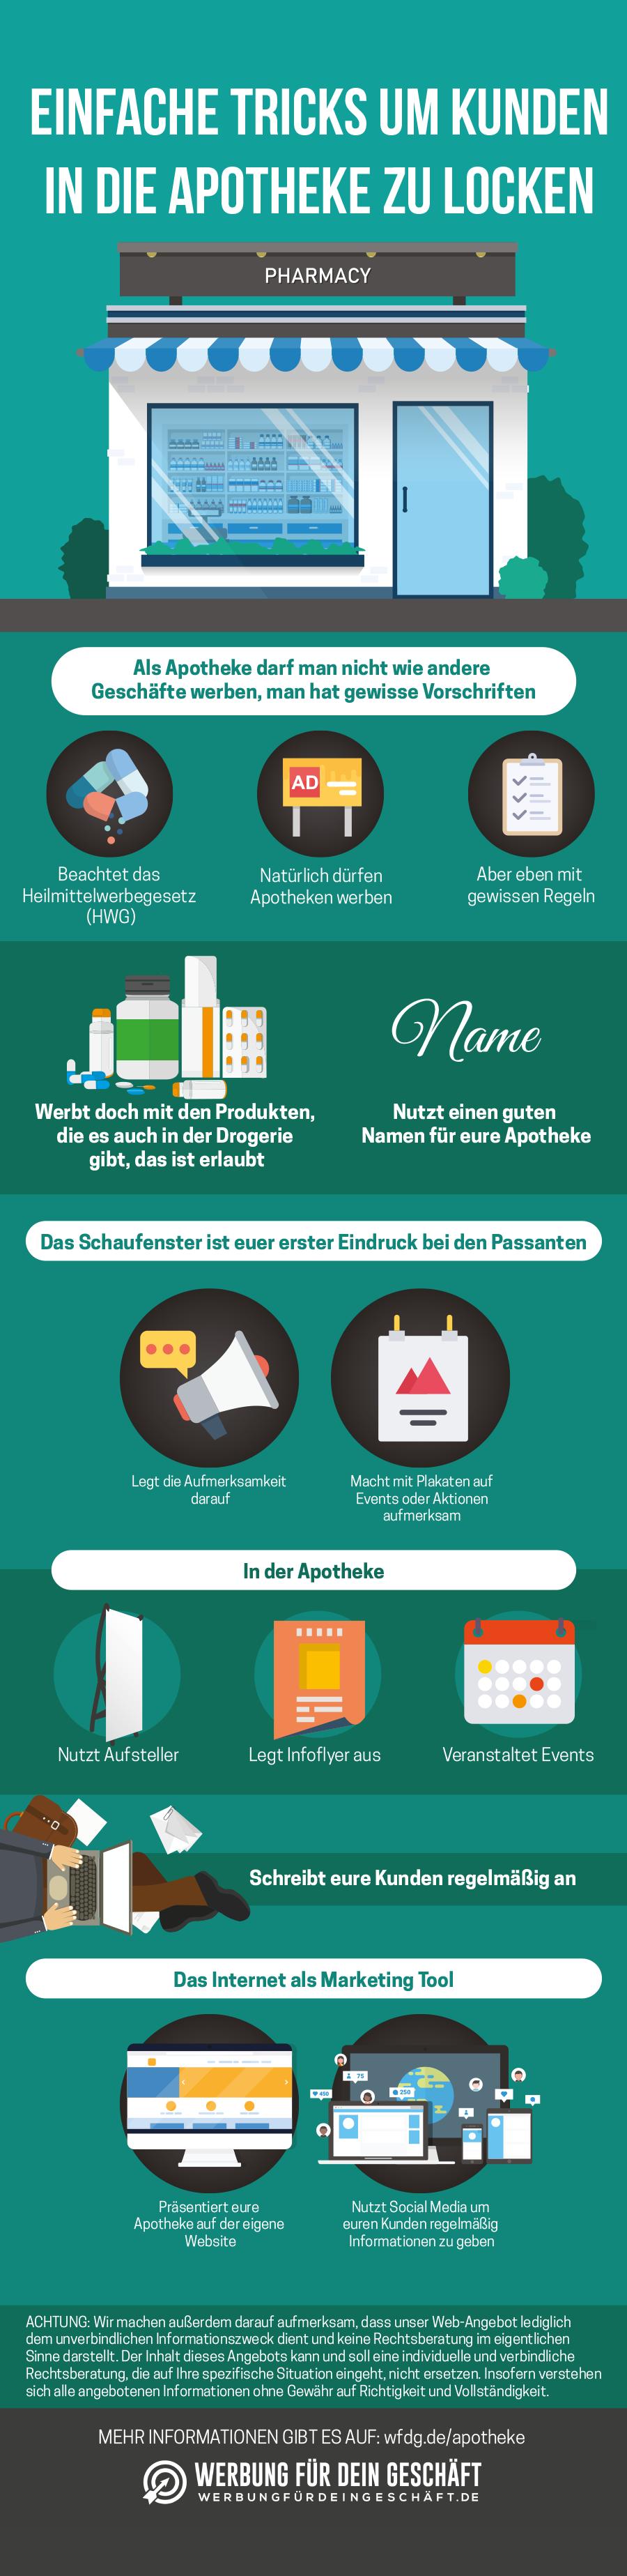 Infografik mit einfachen Tricks für die Werbung für eine Apotheke